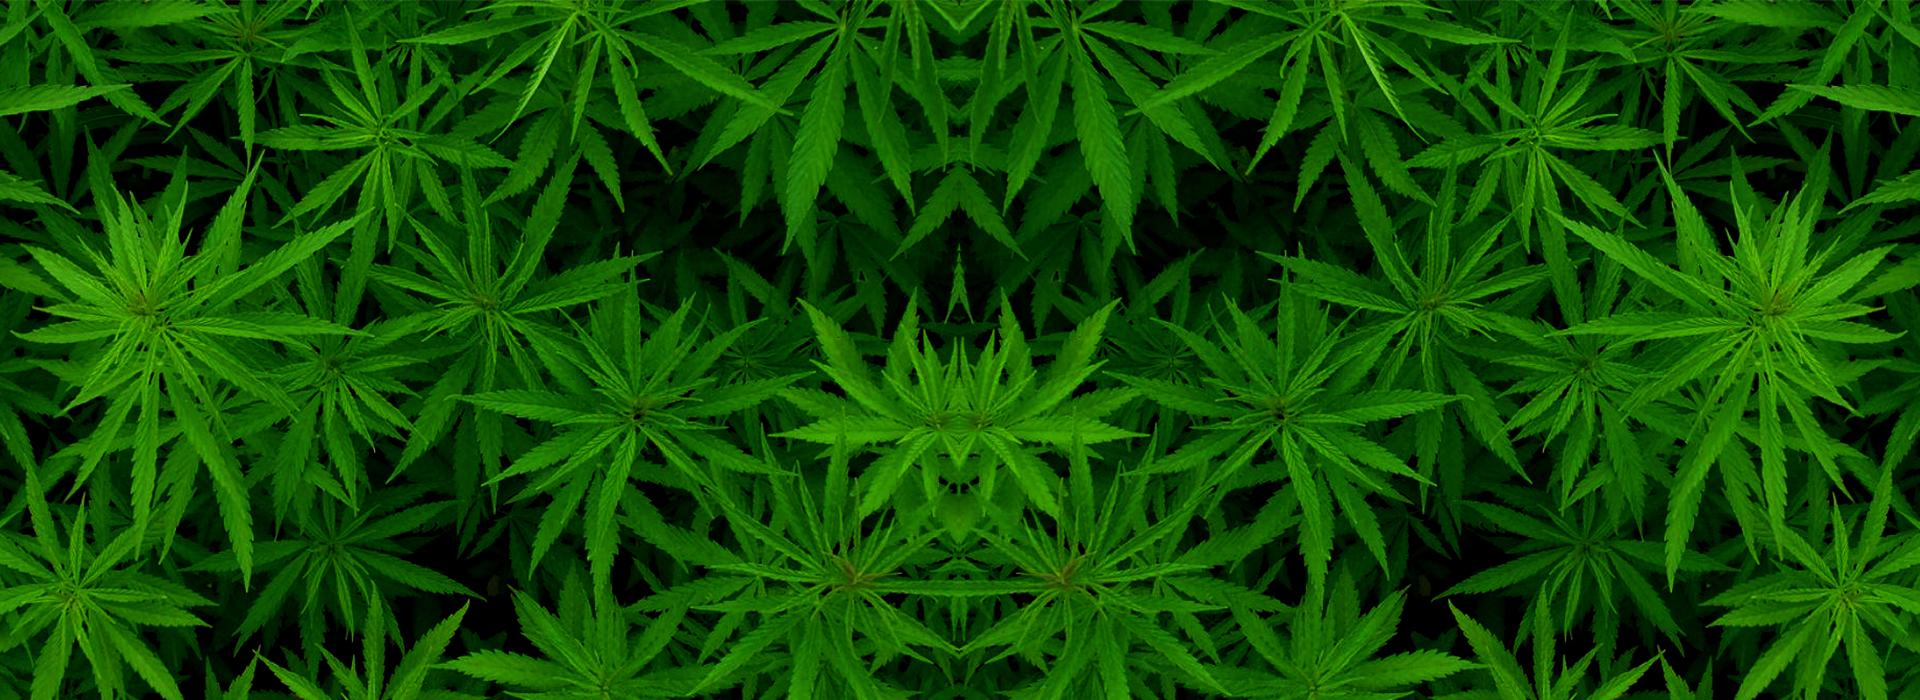 Cannabis Light Italia 100% Legale